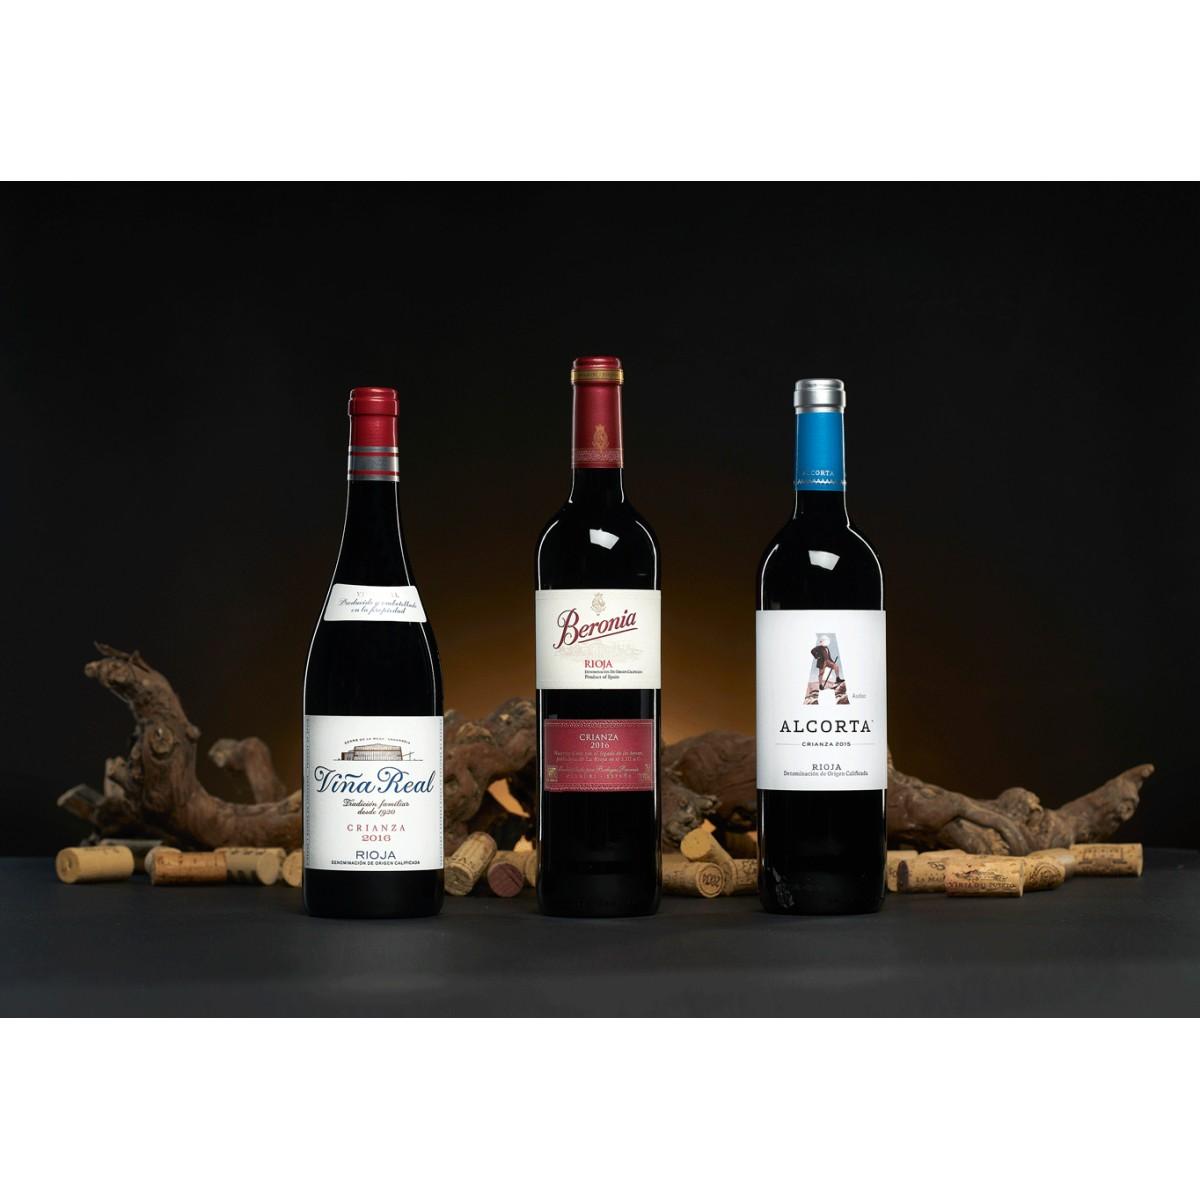 https://www.carneseleccion.com/9390-thickbox_default/seleccion-de-vinos-de-navidad-n-220.jpg